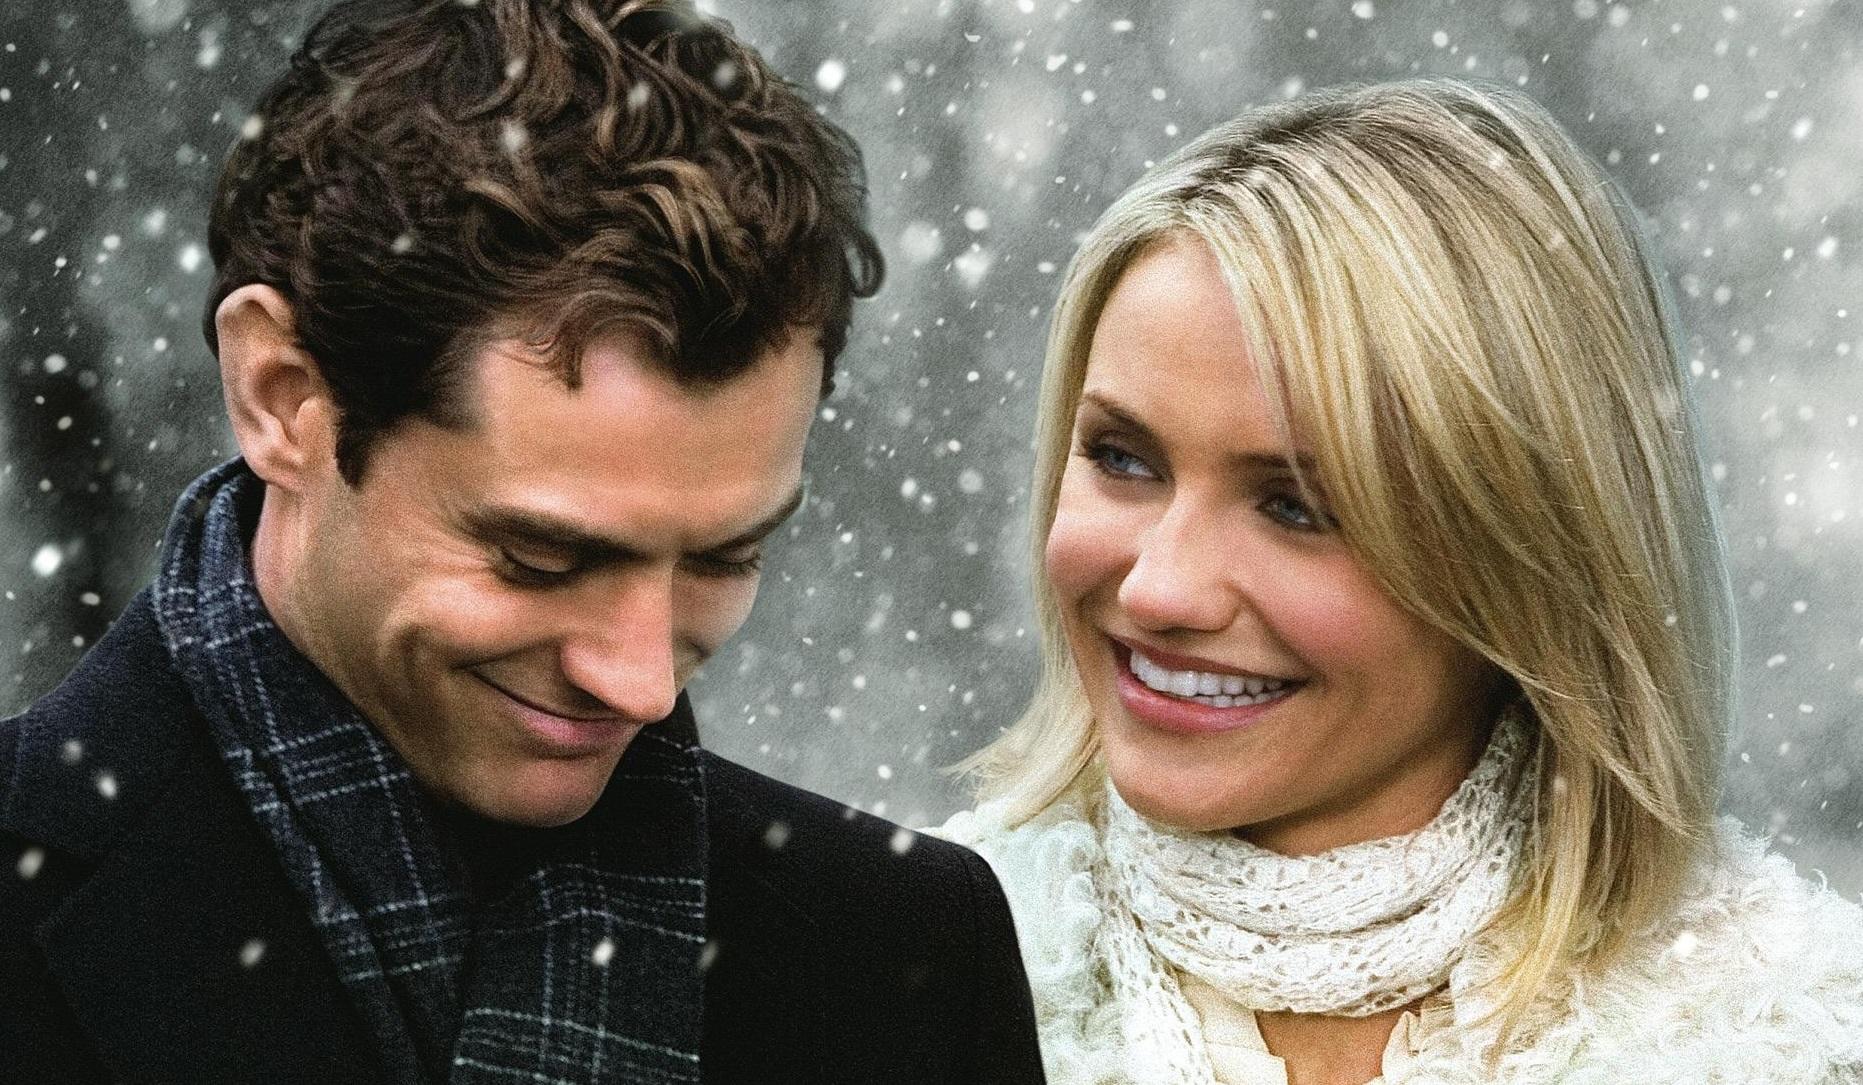 Top zimski filmi, ob katerih vam bo prijetno toplo